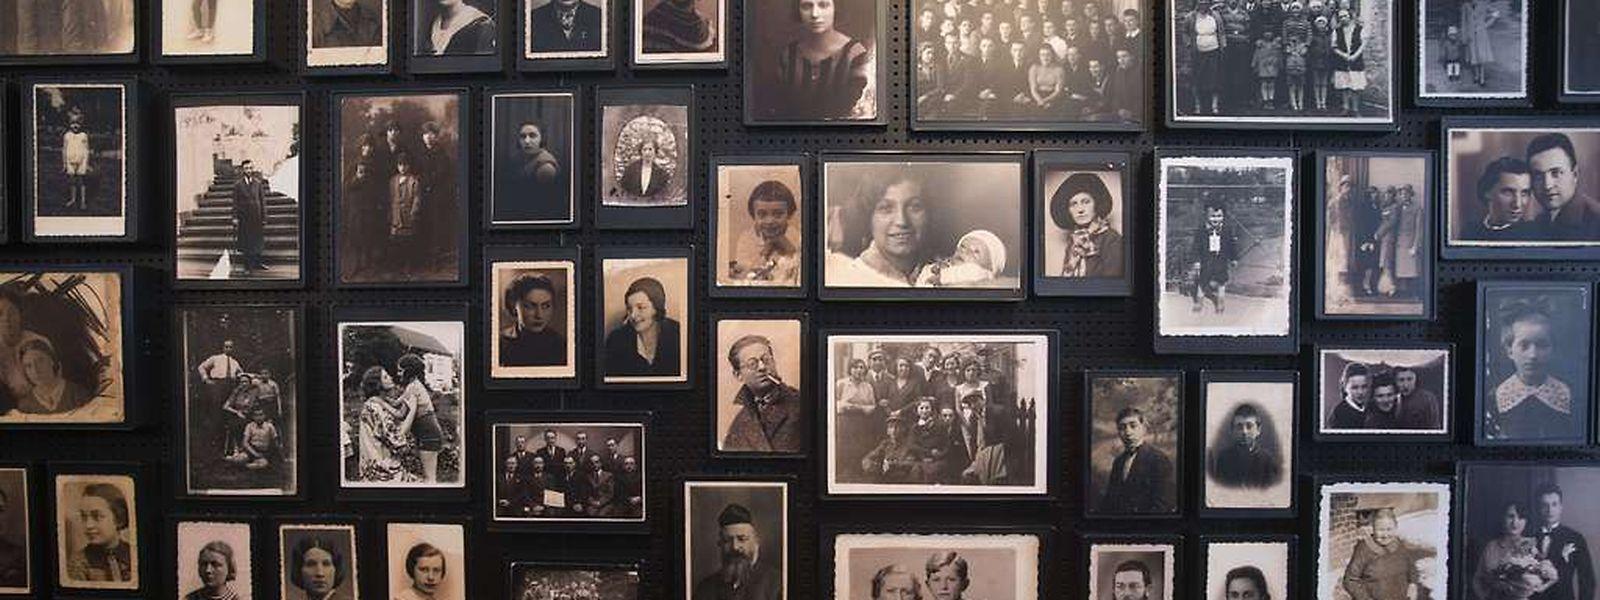 Fotos von Opfern des Nazi-Terrors. 300 Überlebende werden heute in Auschwitz sein, um Zeugnis von dem Grauen abzulegen.